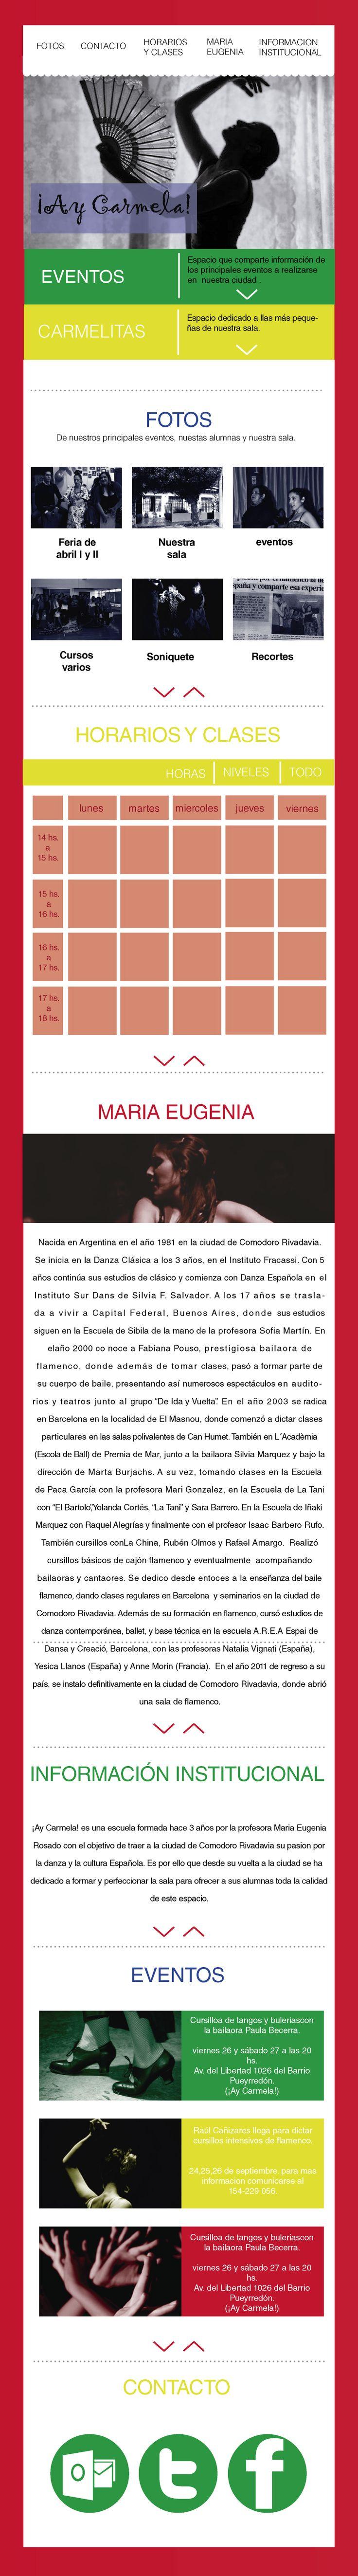 Diseño web para ¡Ay Carmela! Sala flamenca